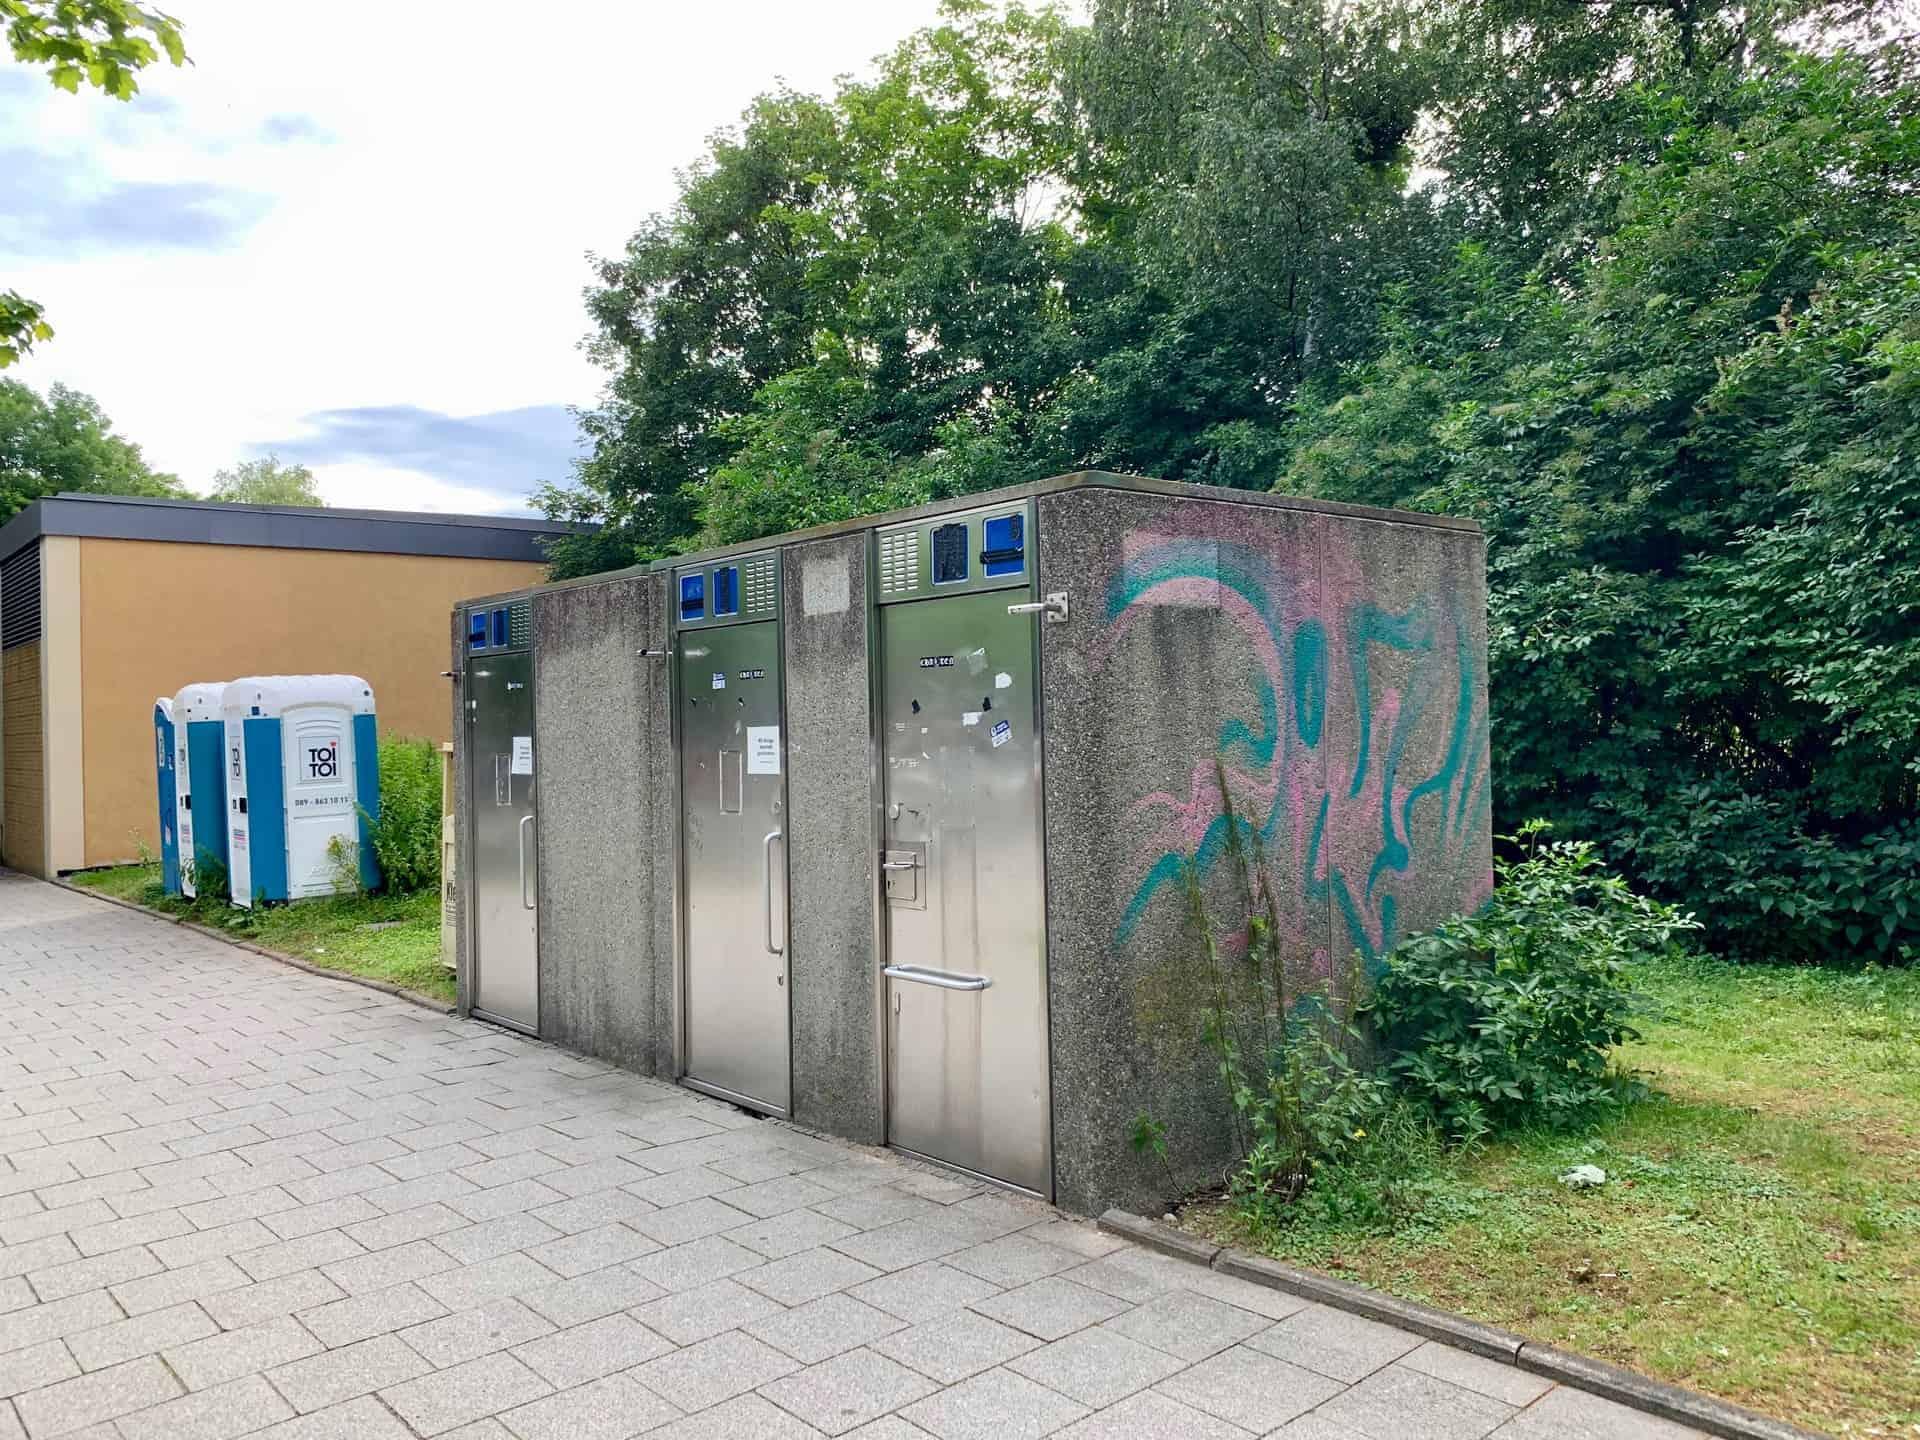 München_Studentenstadt_PR_Parkplatz_Toiletten